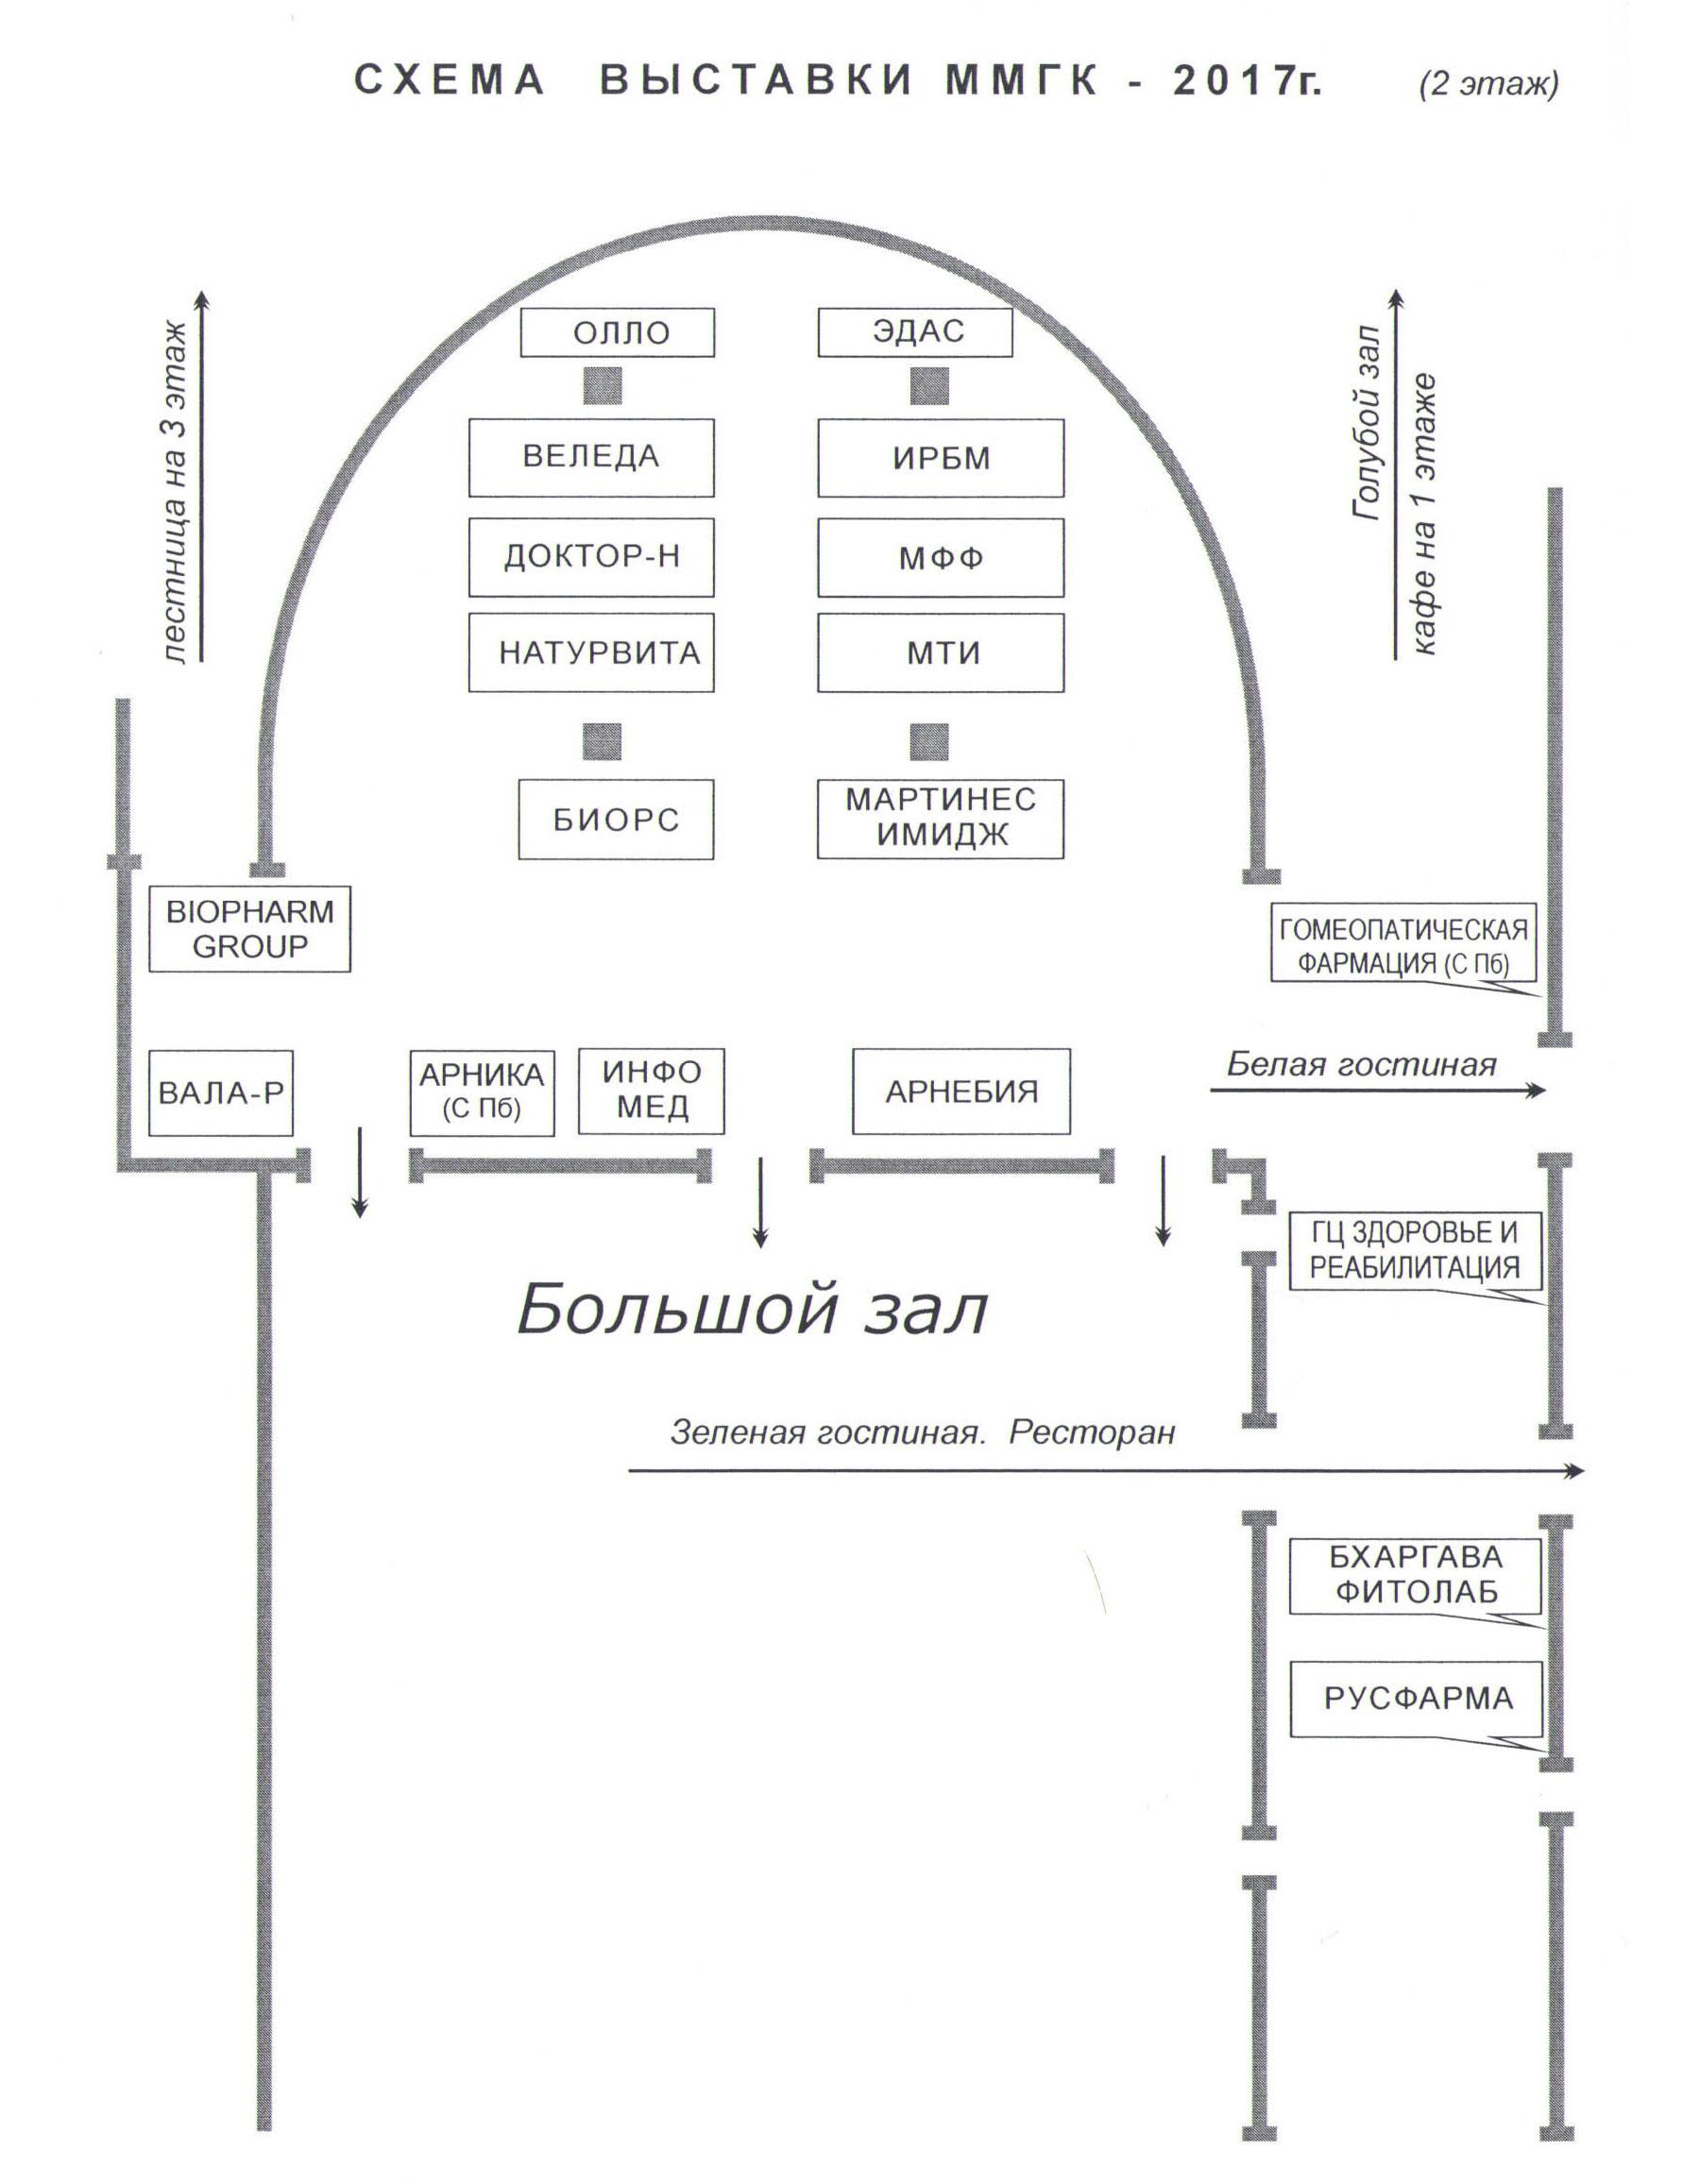 Схема выставки ММГК 2017 2 этаж